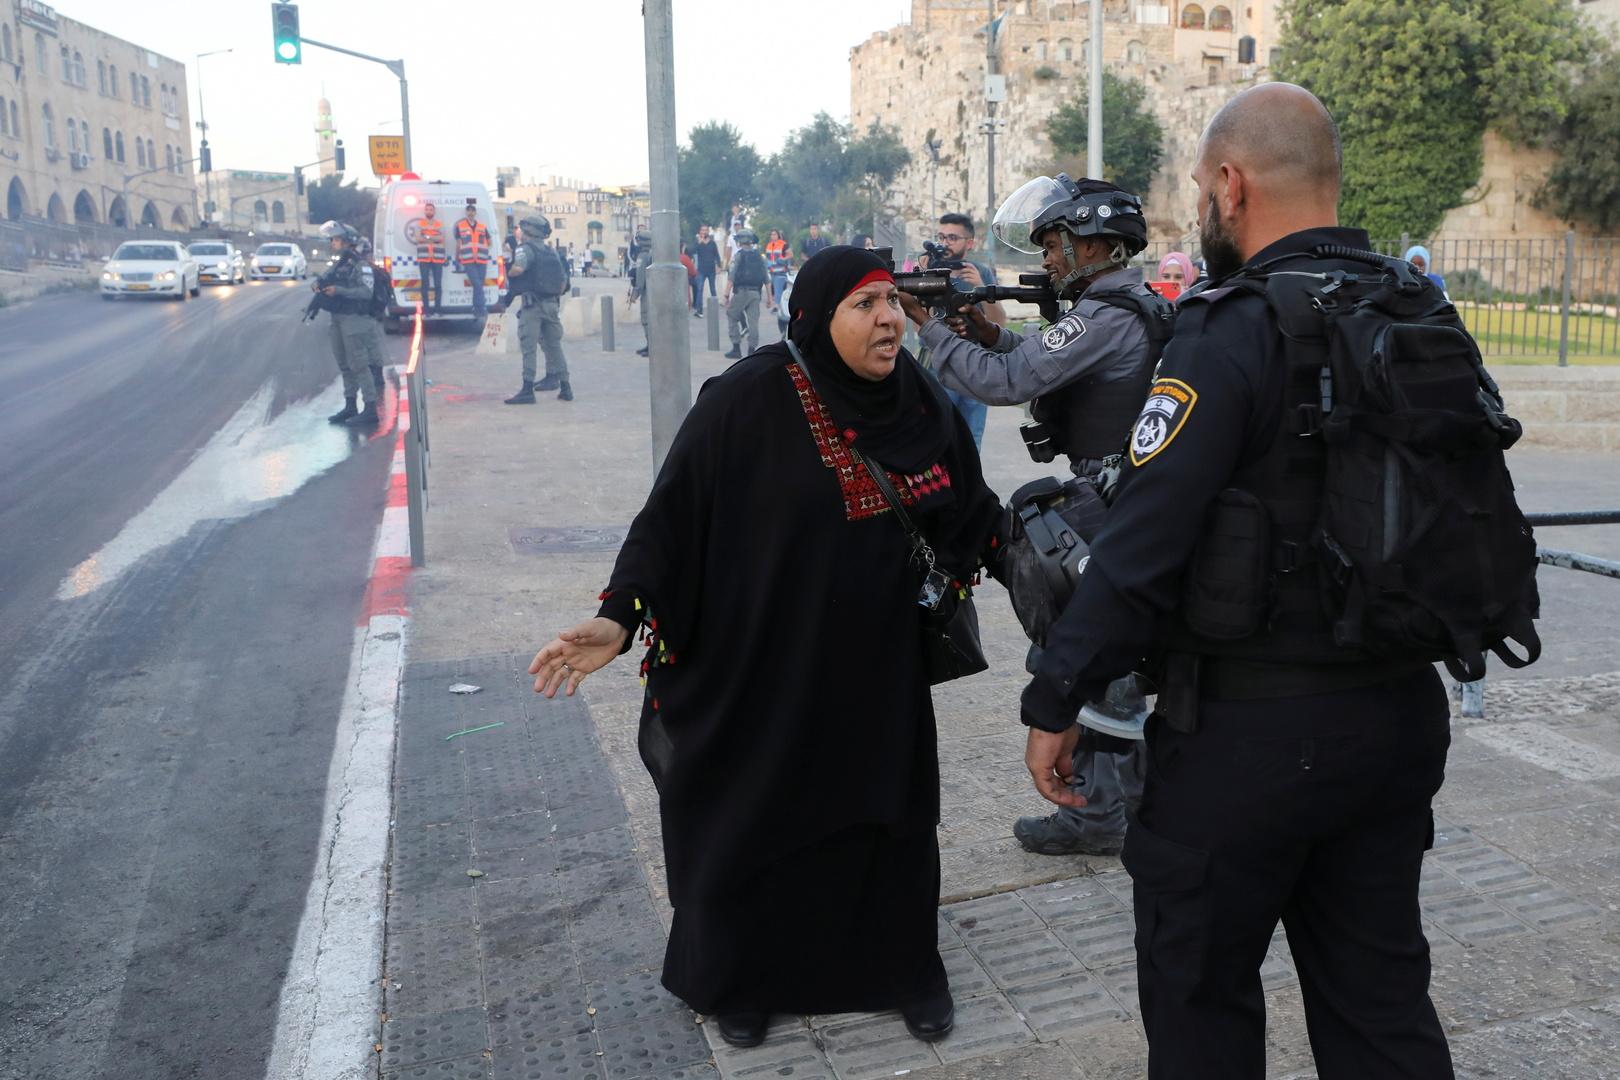 الشرطة الإسرائيلية توافق على تنظيم